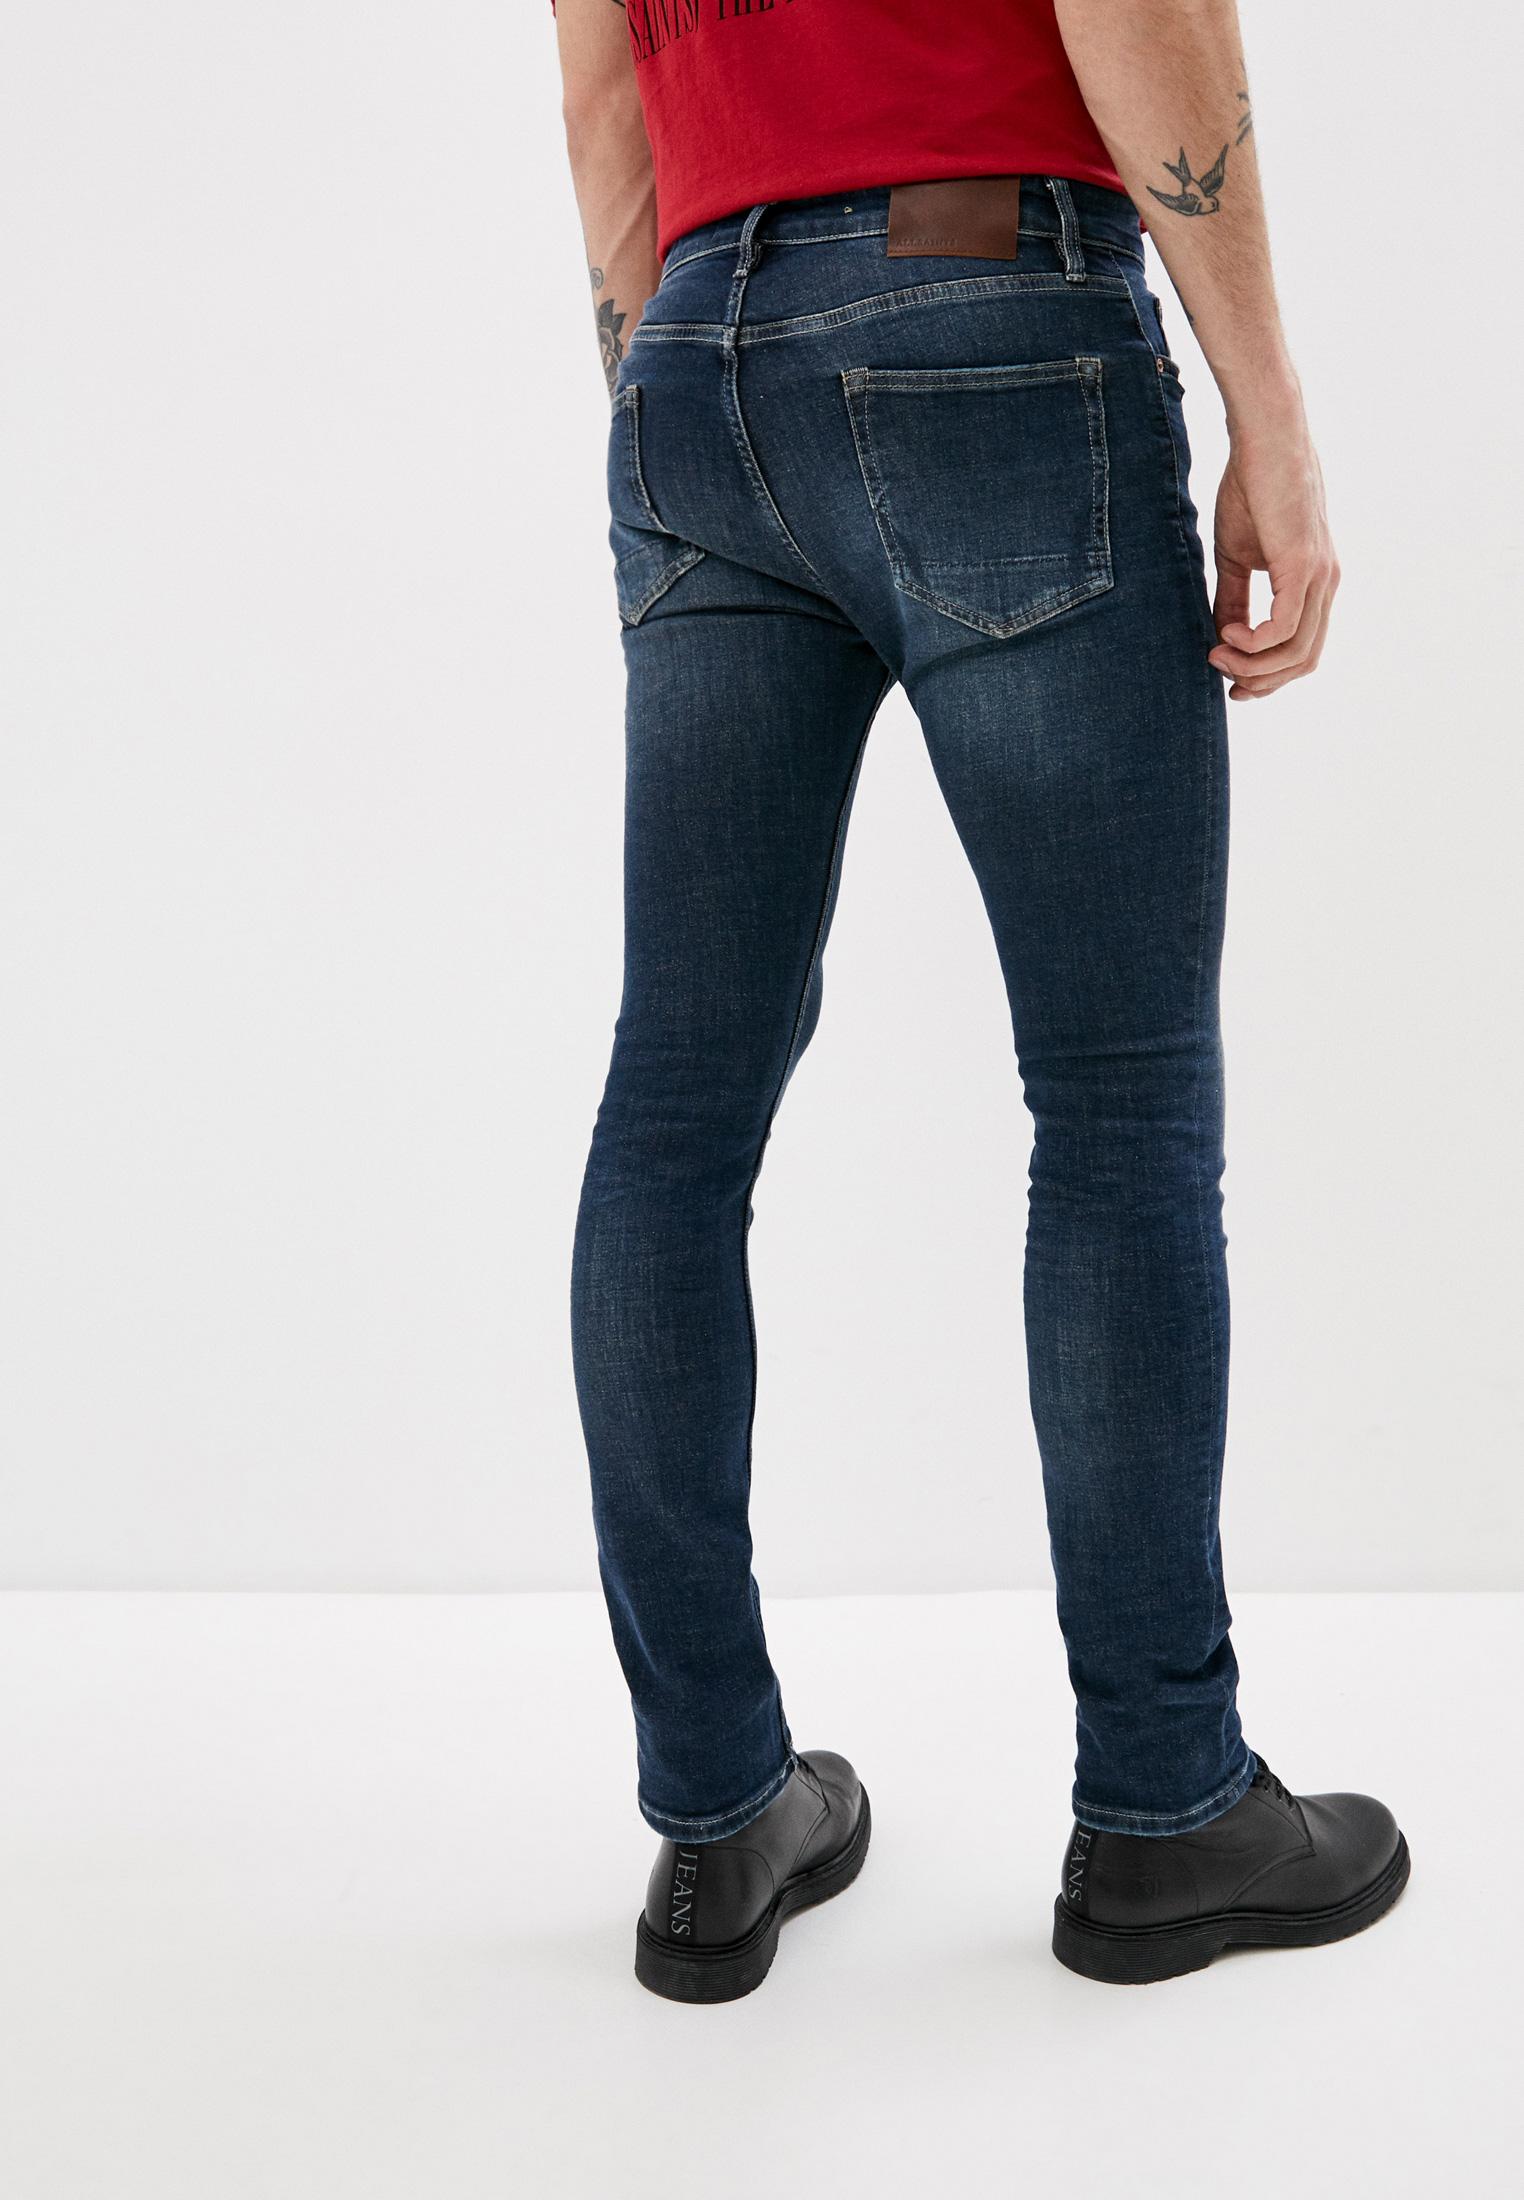 Зауженные джинсы AllSaints ME022P: изображение 3